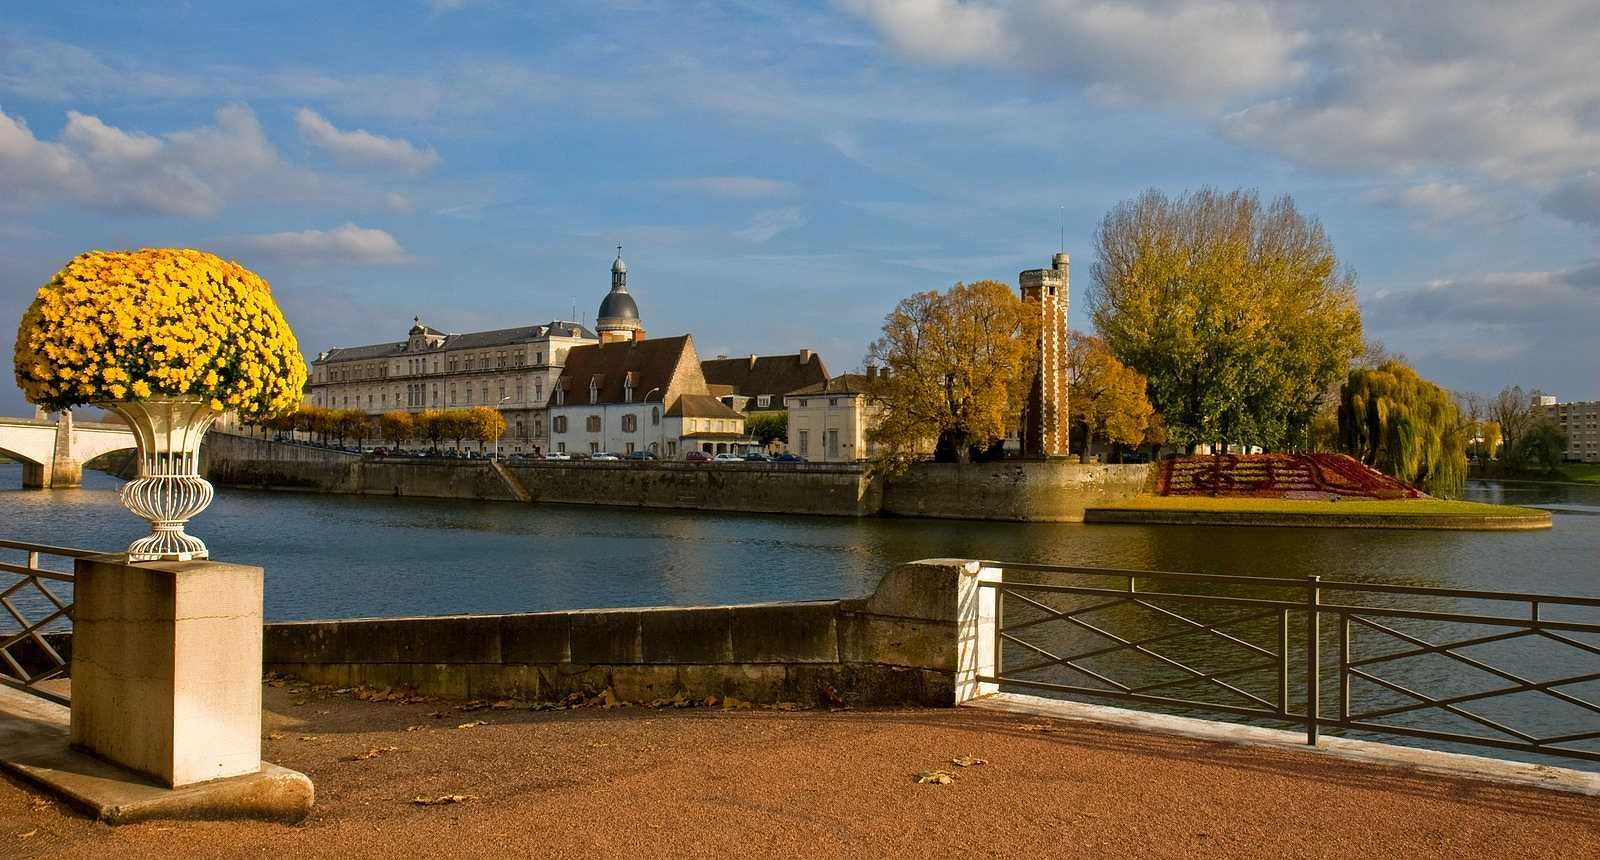 Chalon-sur-Saône (4)